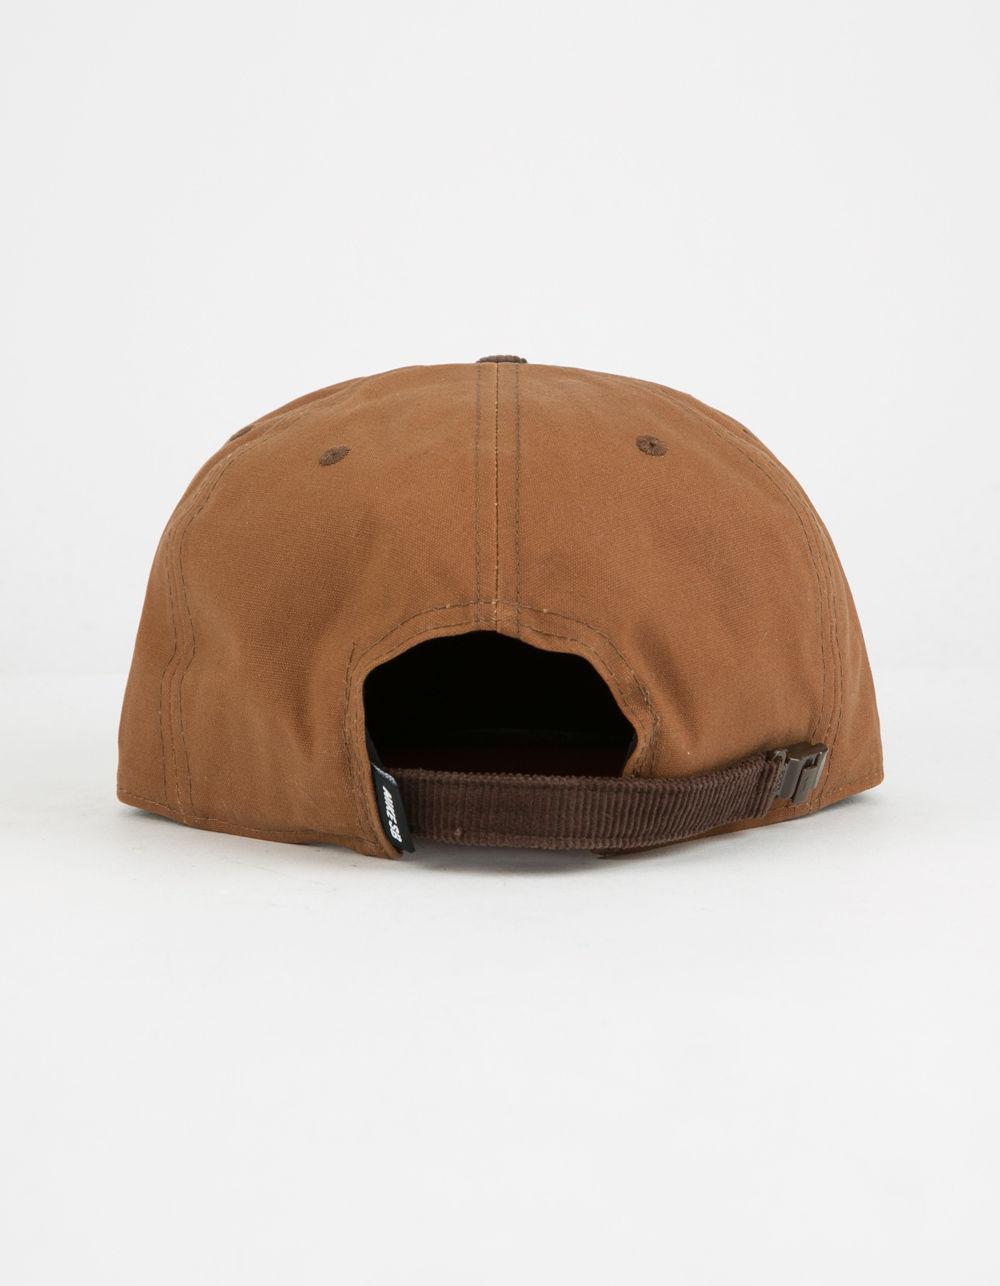 285ca3806 get brown nike hat b3d9c e8e4a